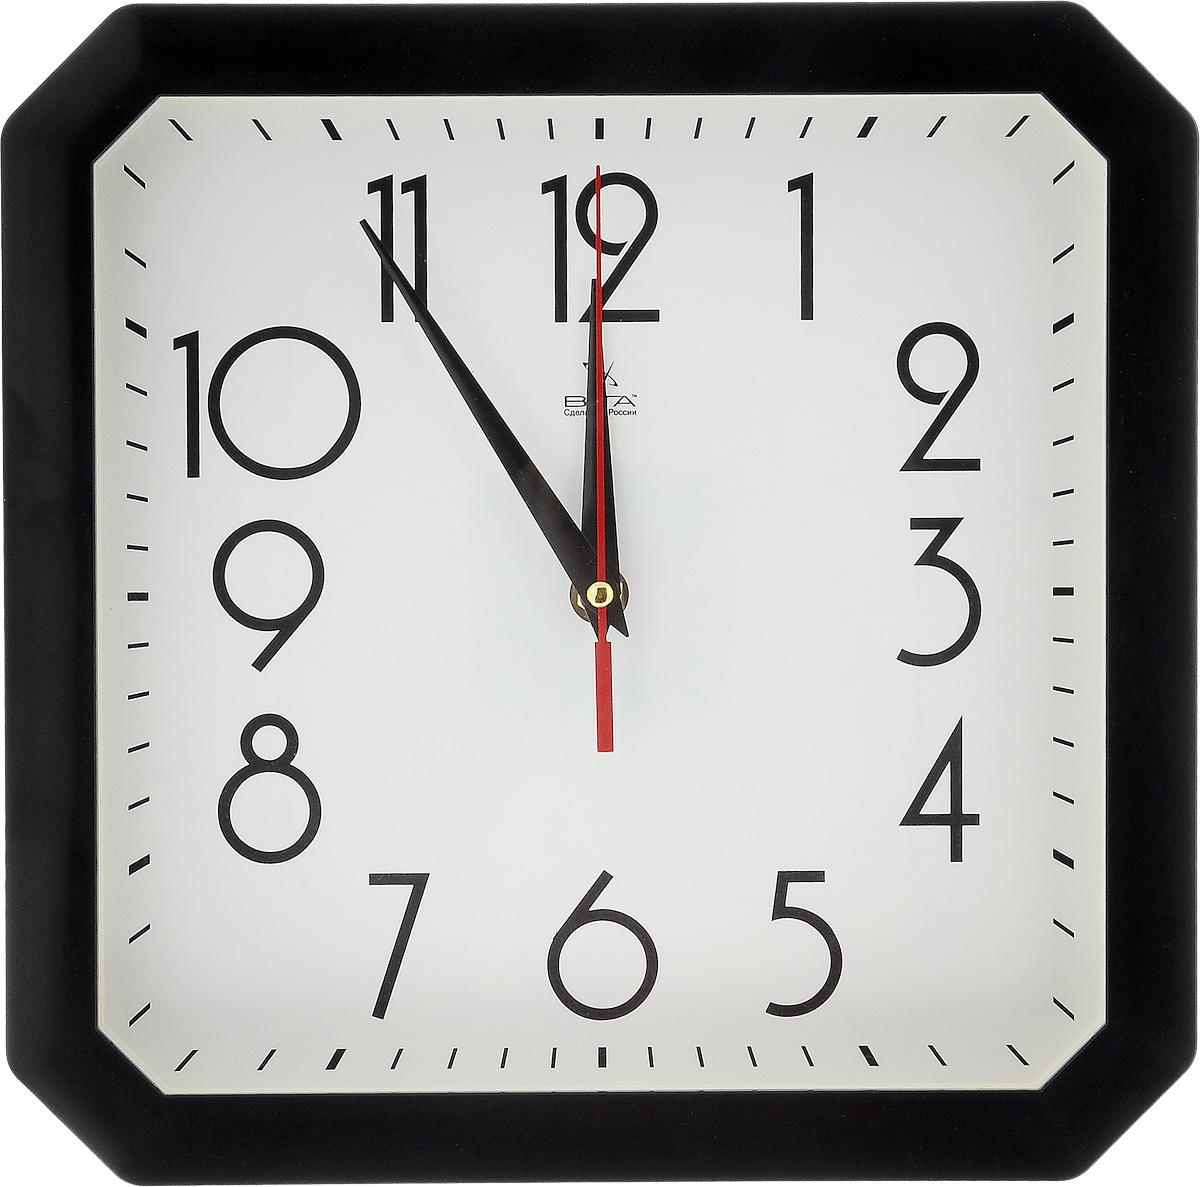 Часы настенные Вега Классика, цвет: черный, белый, 28 х 28 смП4-6/7-81Настенные кварцевые часы Вега Классика, изготовленные из пластика, прекрасно впишутся в интерьер вашего дома. Часы имеют три стрелки: часовую, минутную и секундную, циферблат защищен прозрачным стеклом. Часы работают от 1 батарейки типа АА напряжением 1,5 В (не входит в комплект). Прилагается инструкция по эксплуатации.